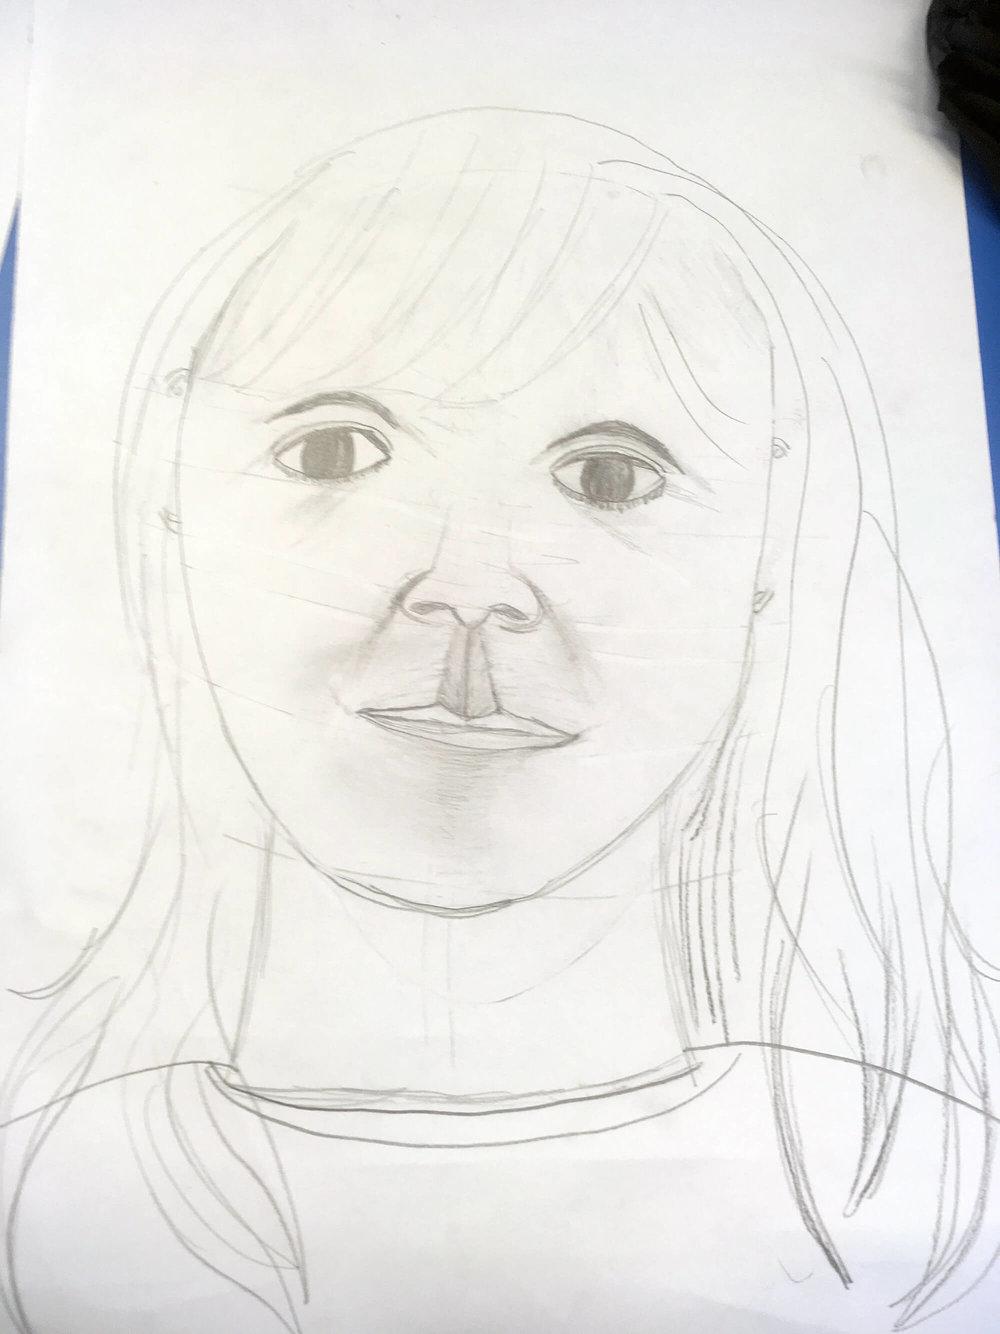 Winnie by her son, aged 9